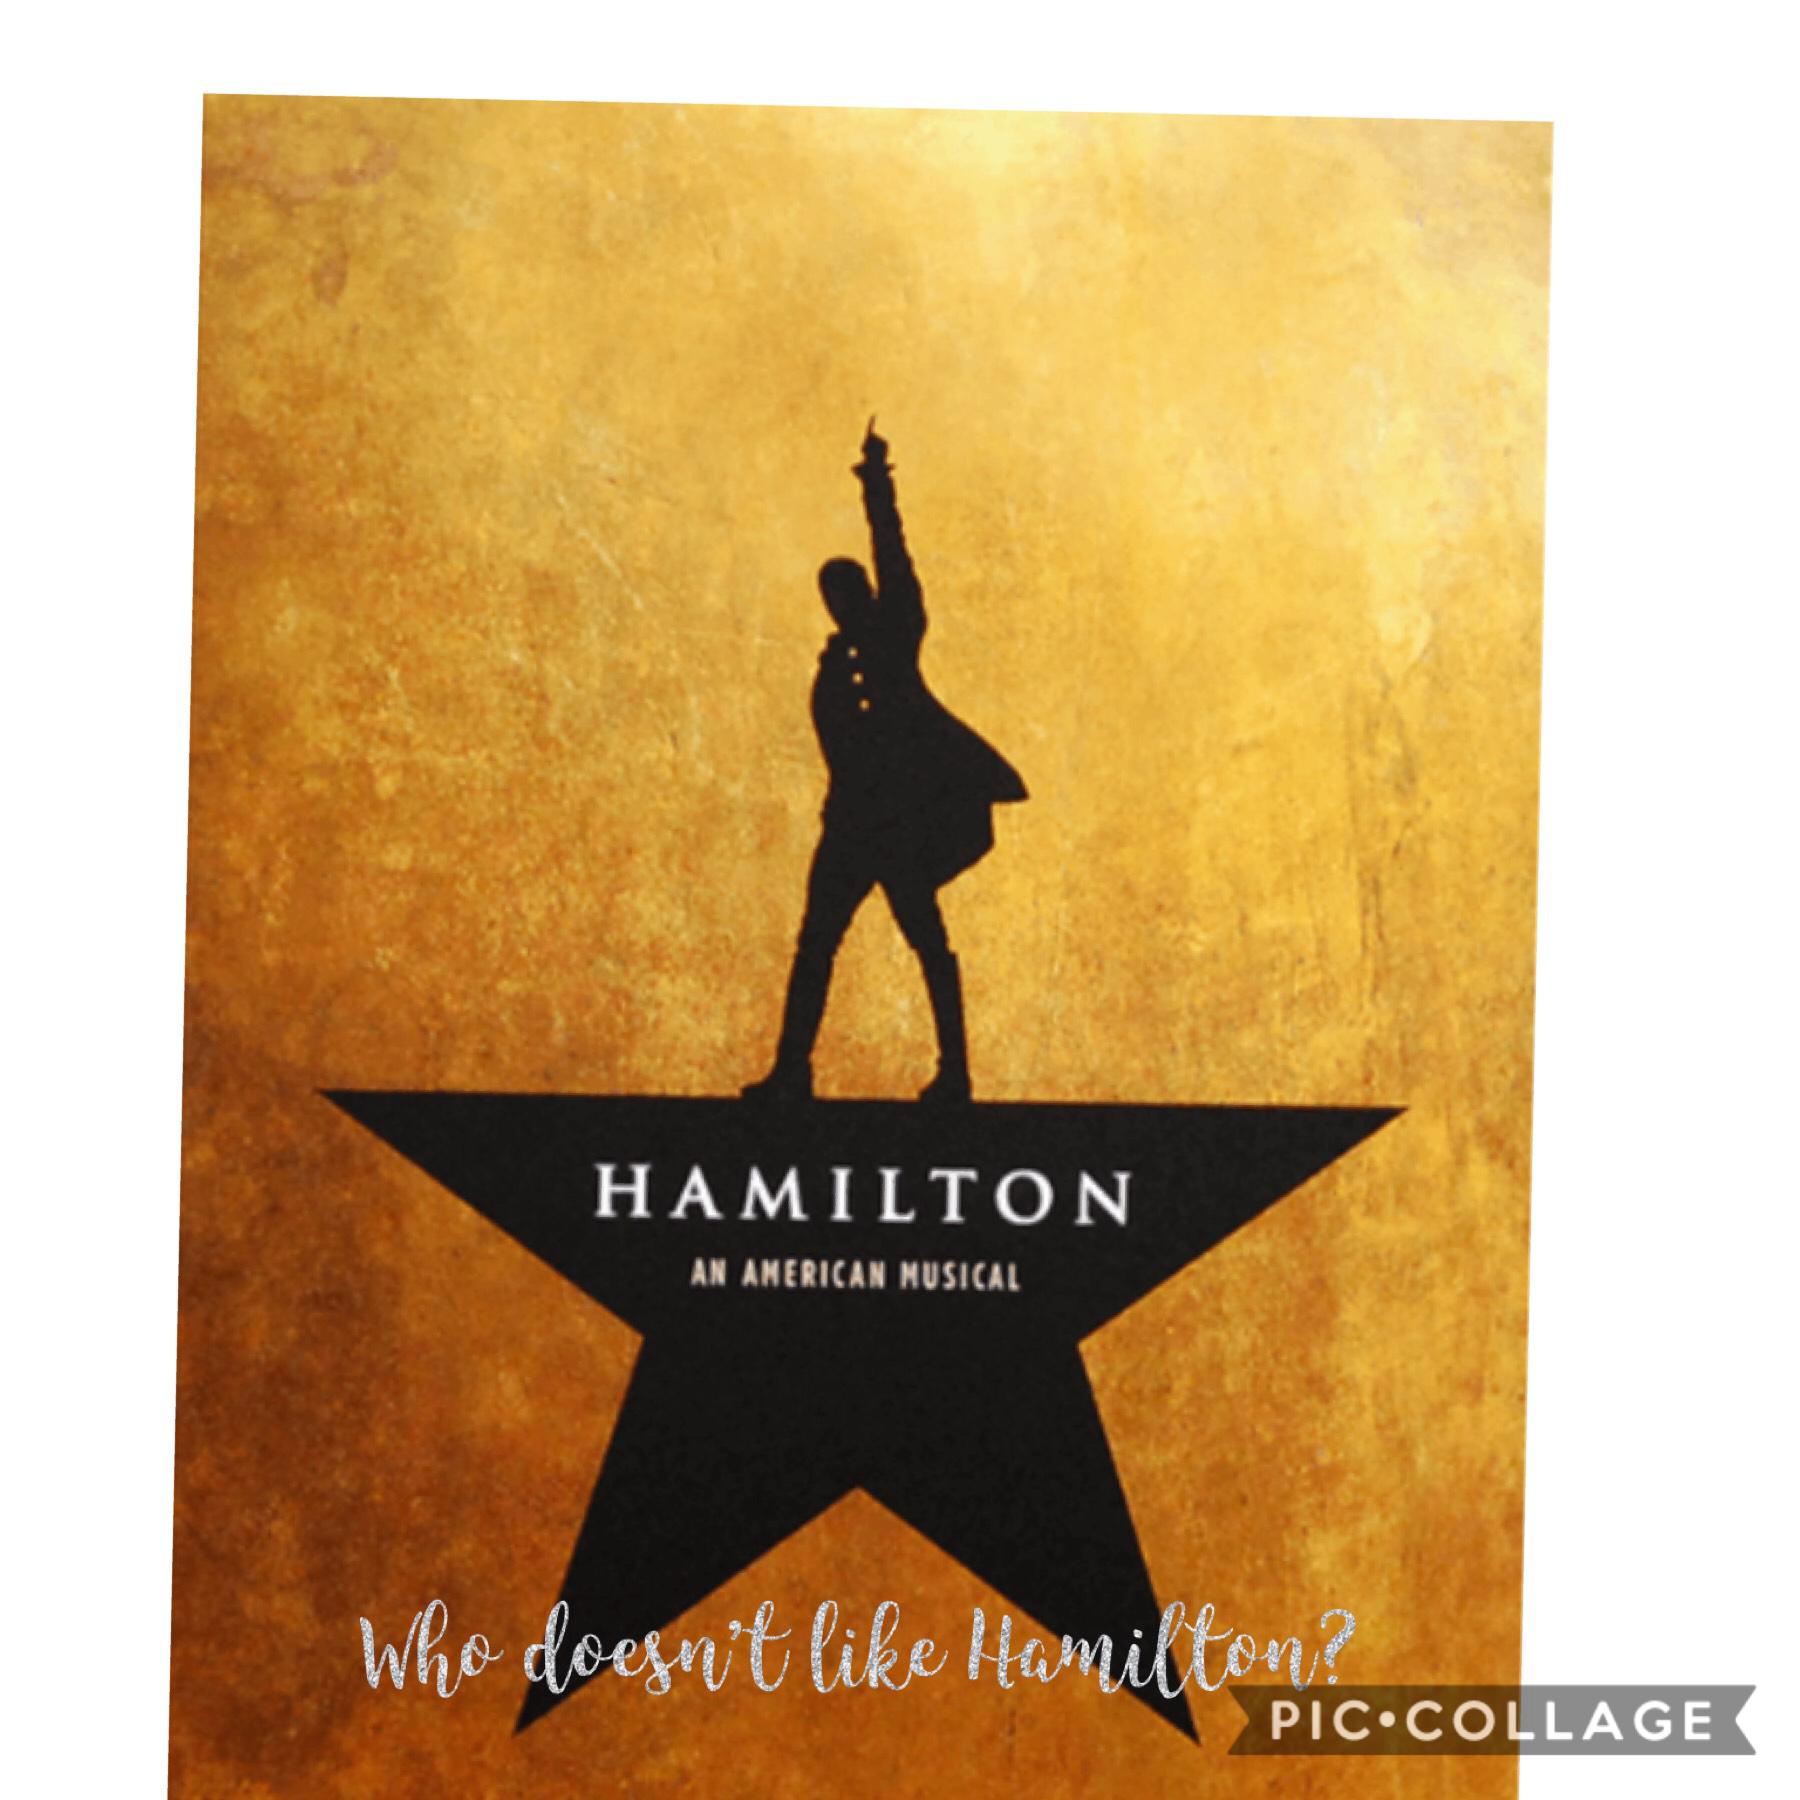 I ❤️ HAMILTON